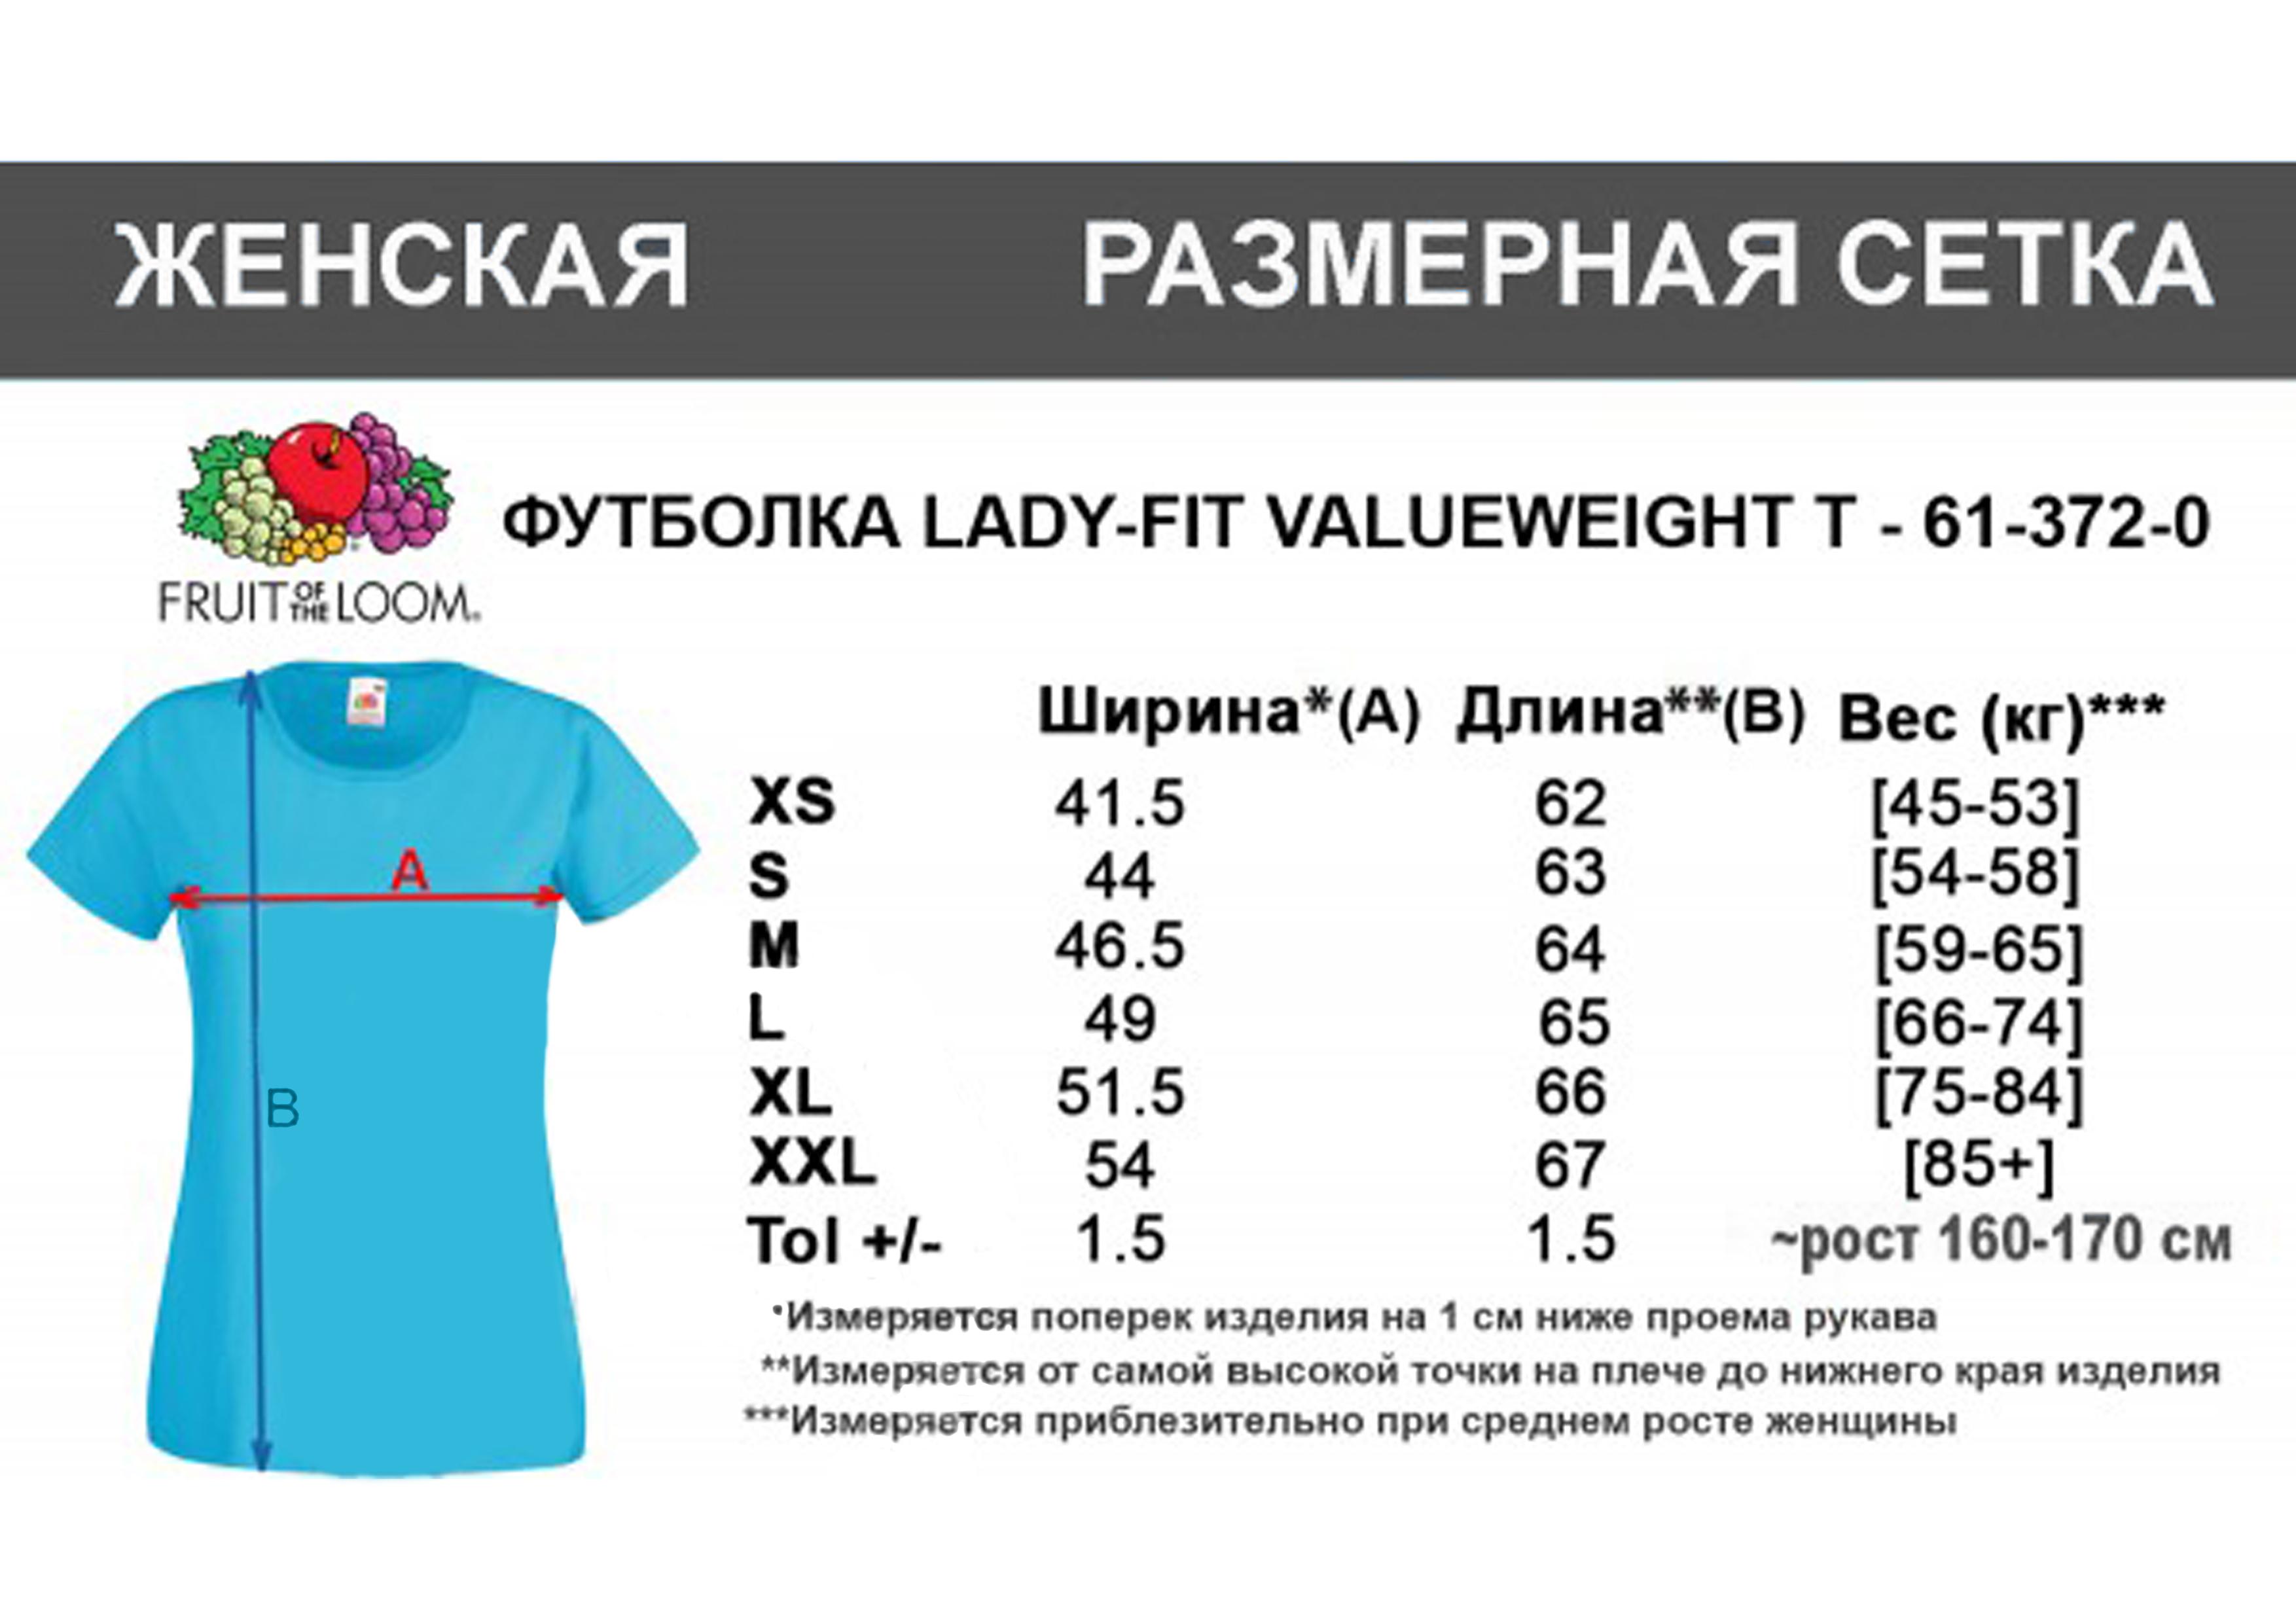 Размерная сетка под печать на женской футболке изображения и надписи под заказ в Днепре недорого